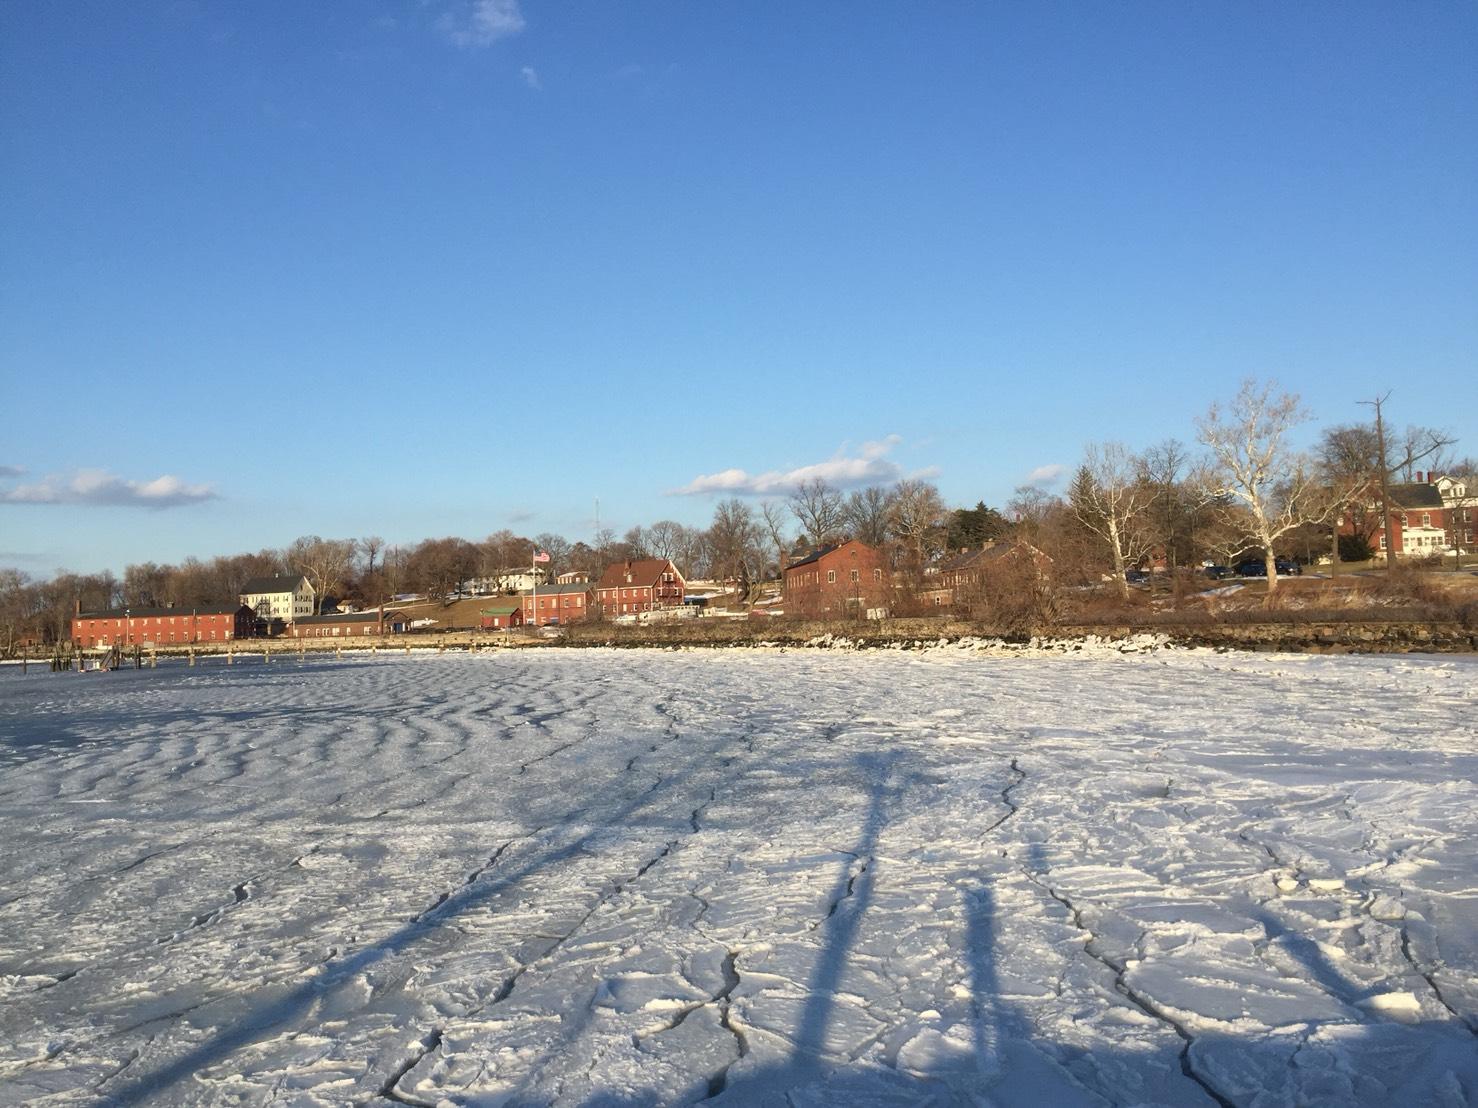 CBS 氣象報告說這一波冷氣團加炸彈氣旋,紐約市一連14天在冰點下,創立歴史上第三長紀錄。本周五氣溫會跳到55度,挾帶大雨,怕冰會融掉,趕快去Fort Totten拍張留念。(網友麗雅2018/01/09@紐約Fort Totten)